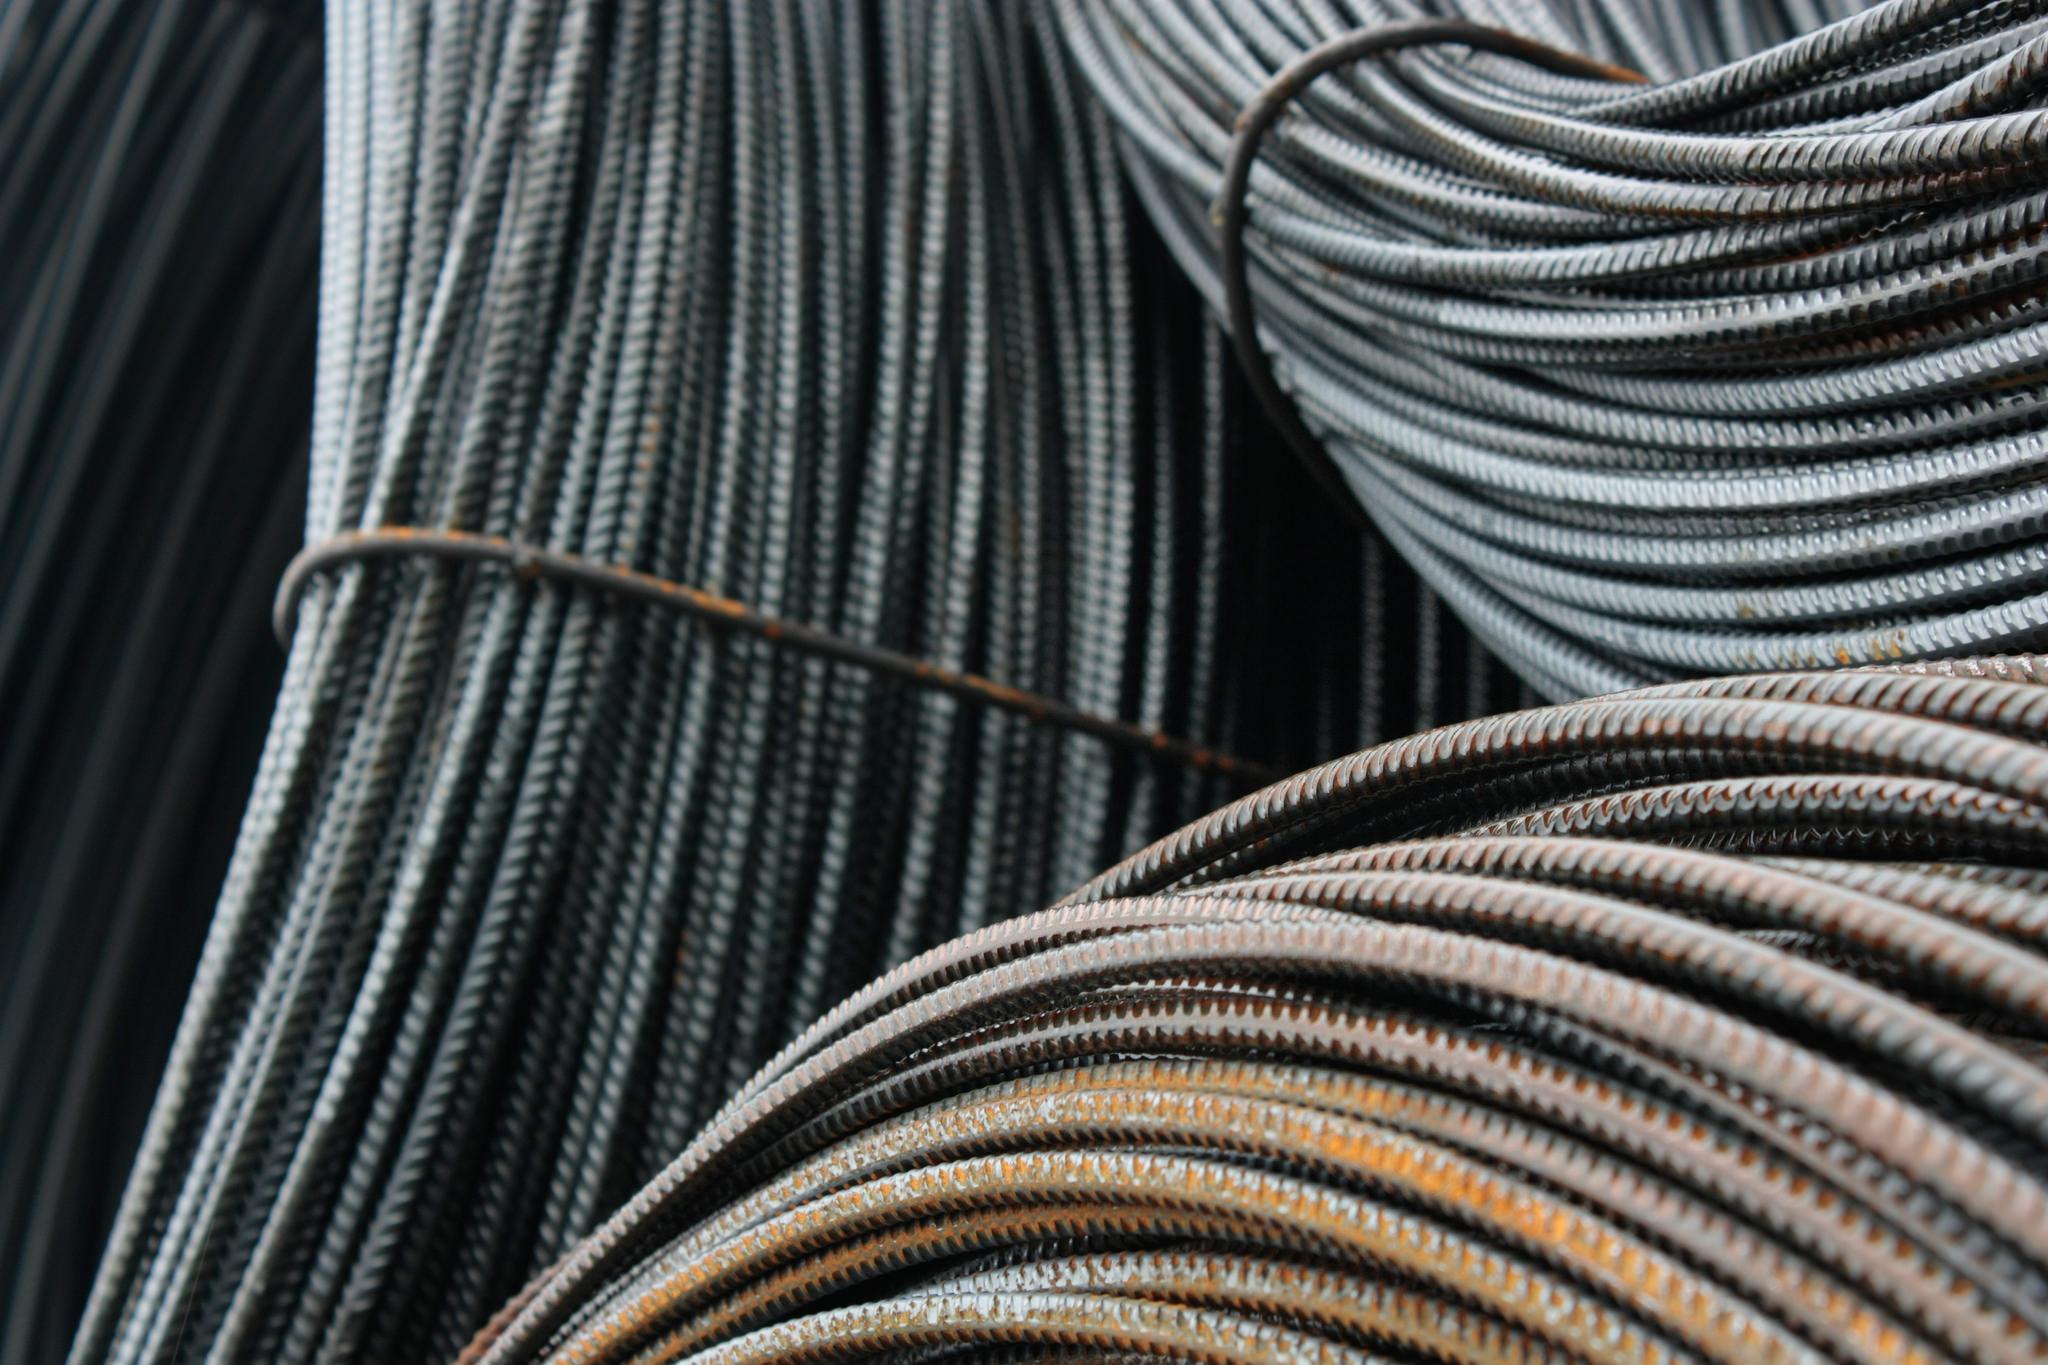 L'Union européenne a provisoirement exempté la Thaïlande de ses droits de douane sur l'acier